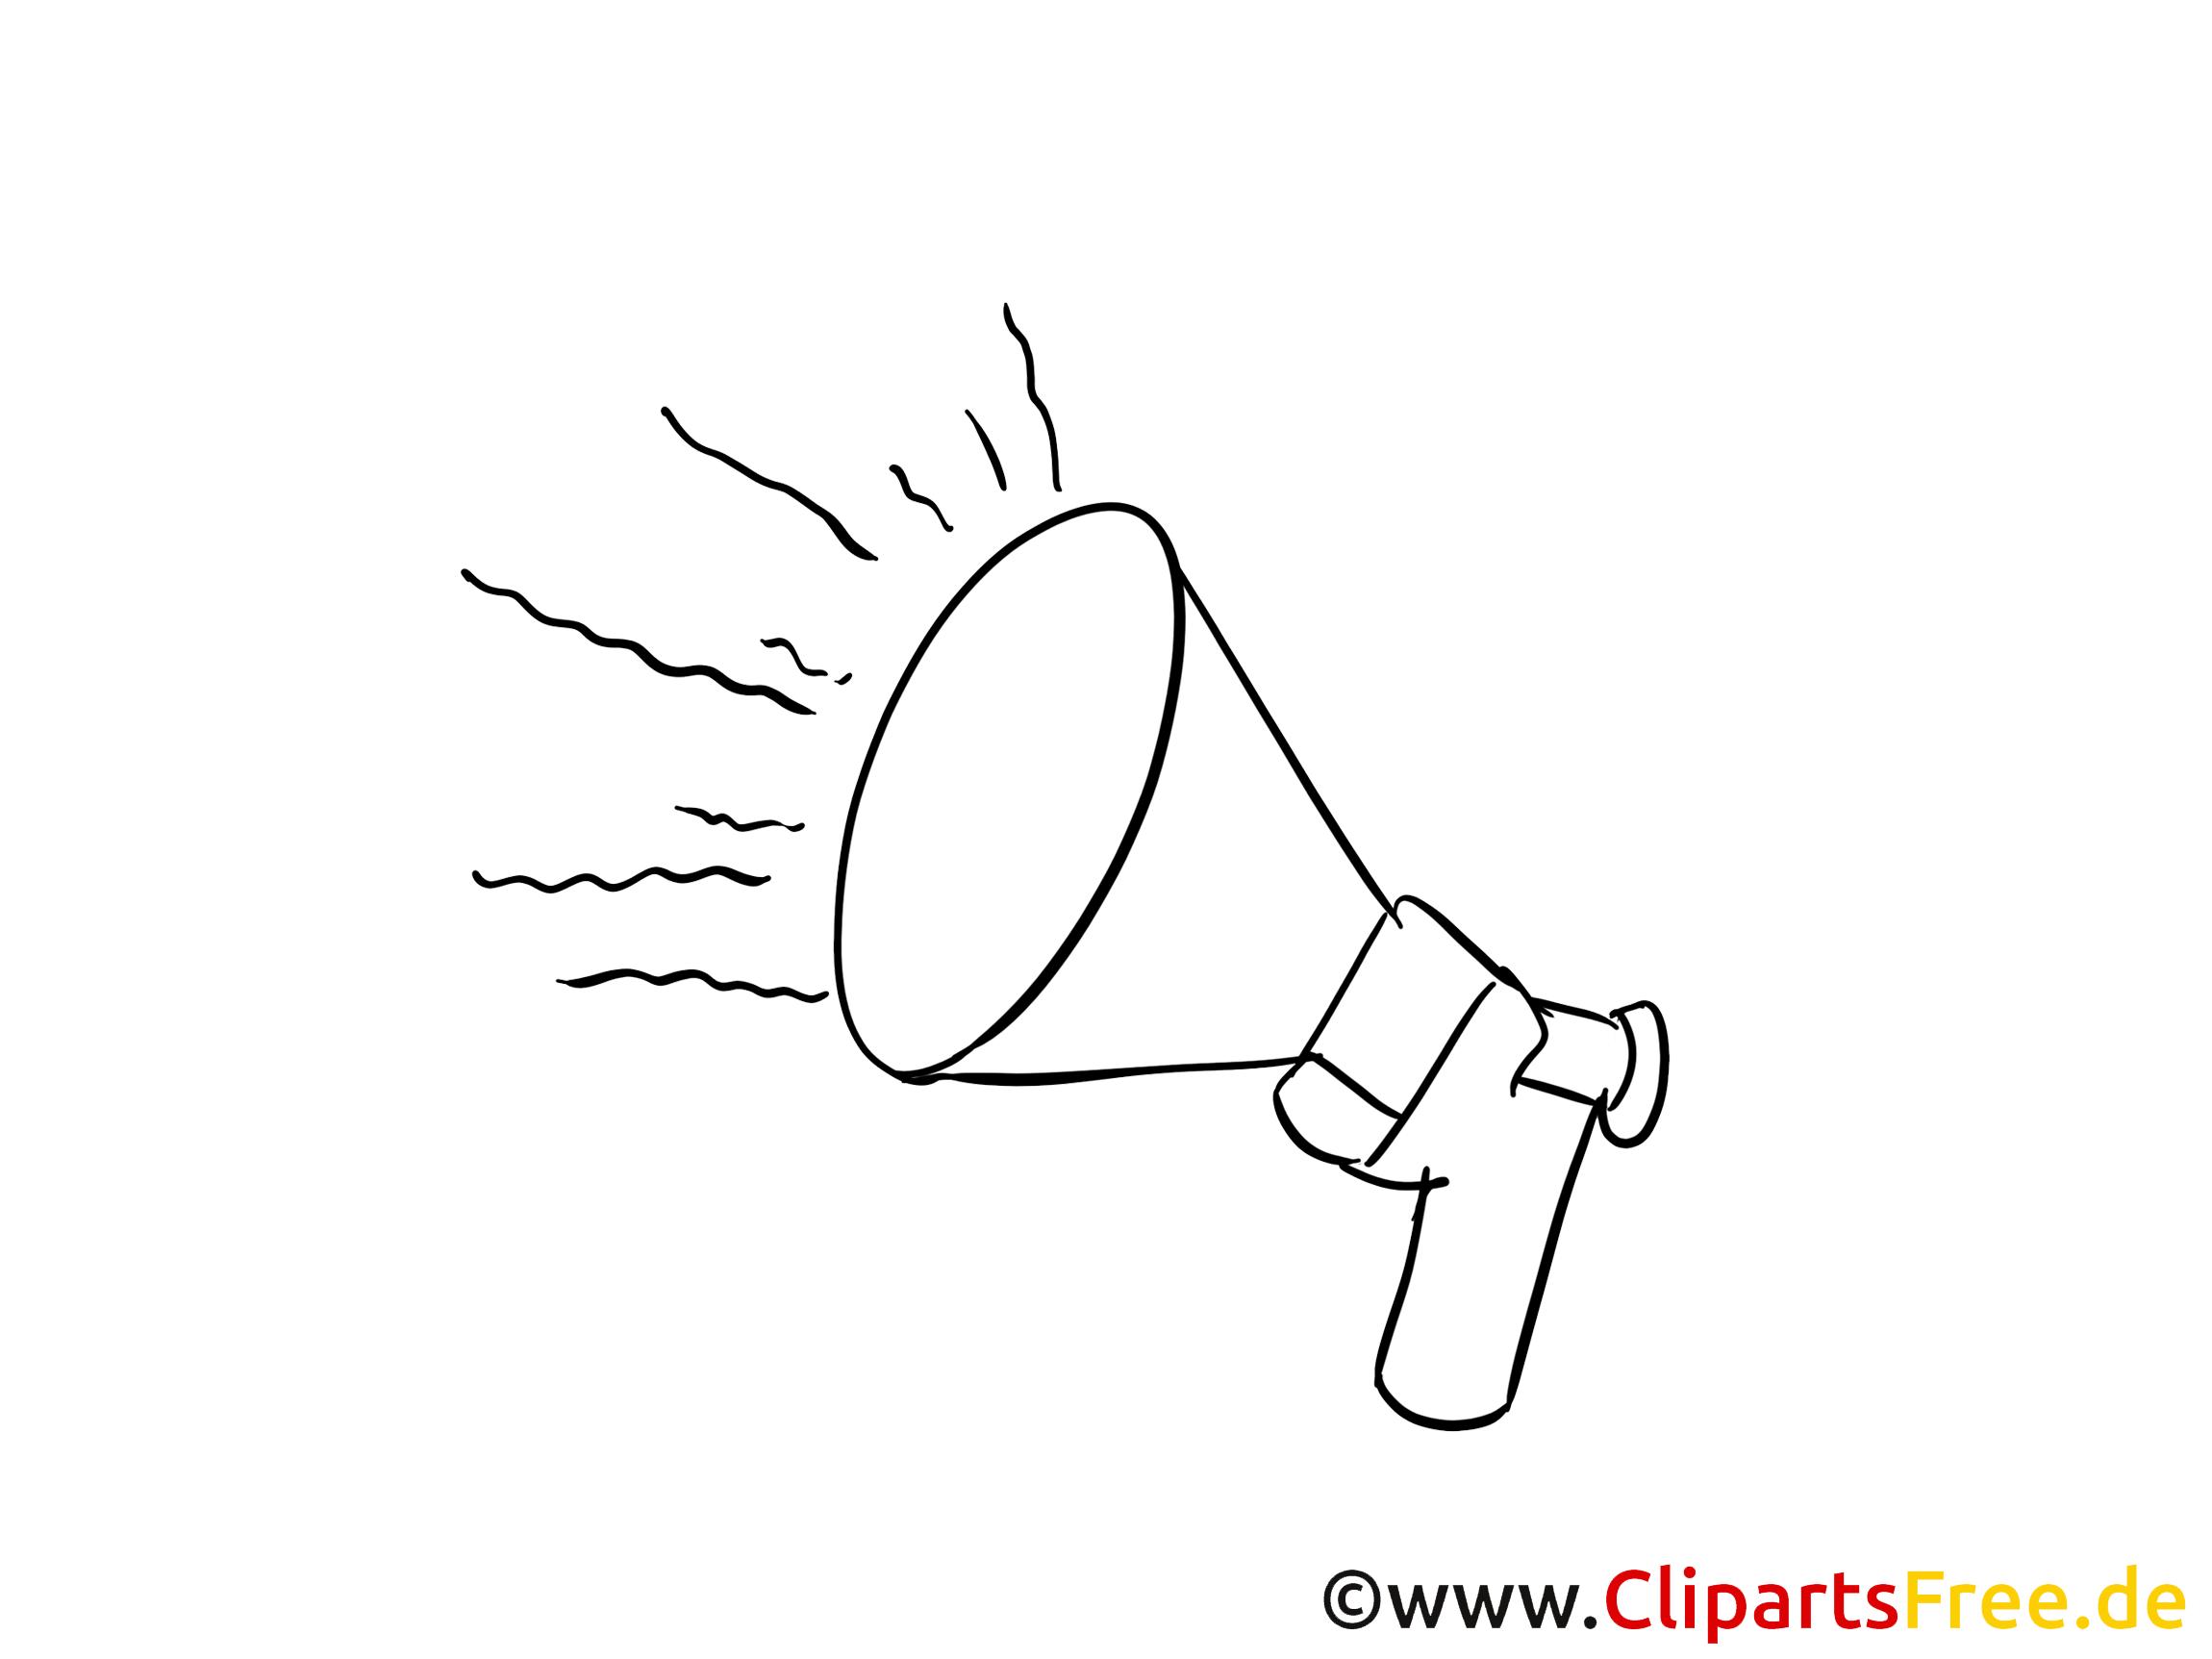 Lautsprecher Clipart, Bild, Zeichnung, Cartoon